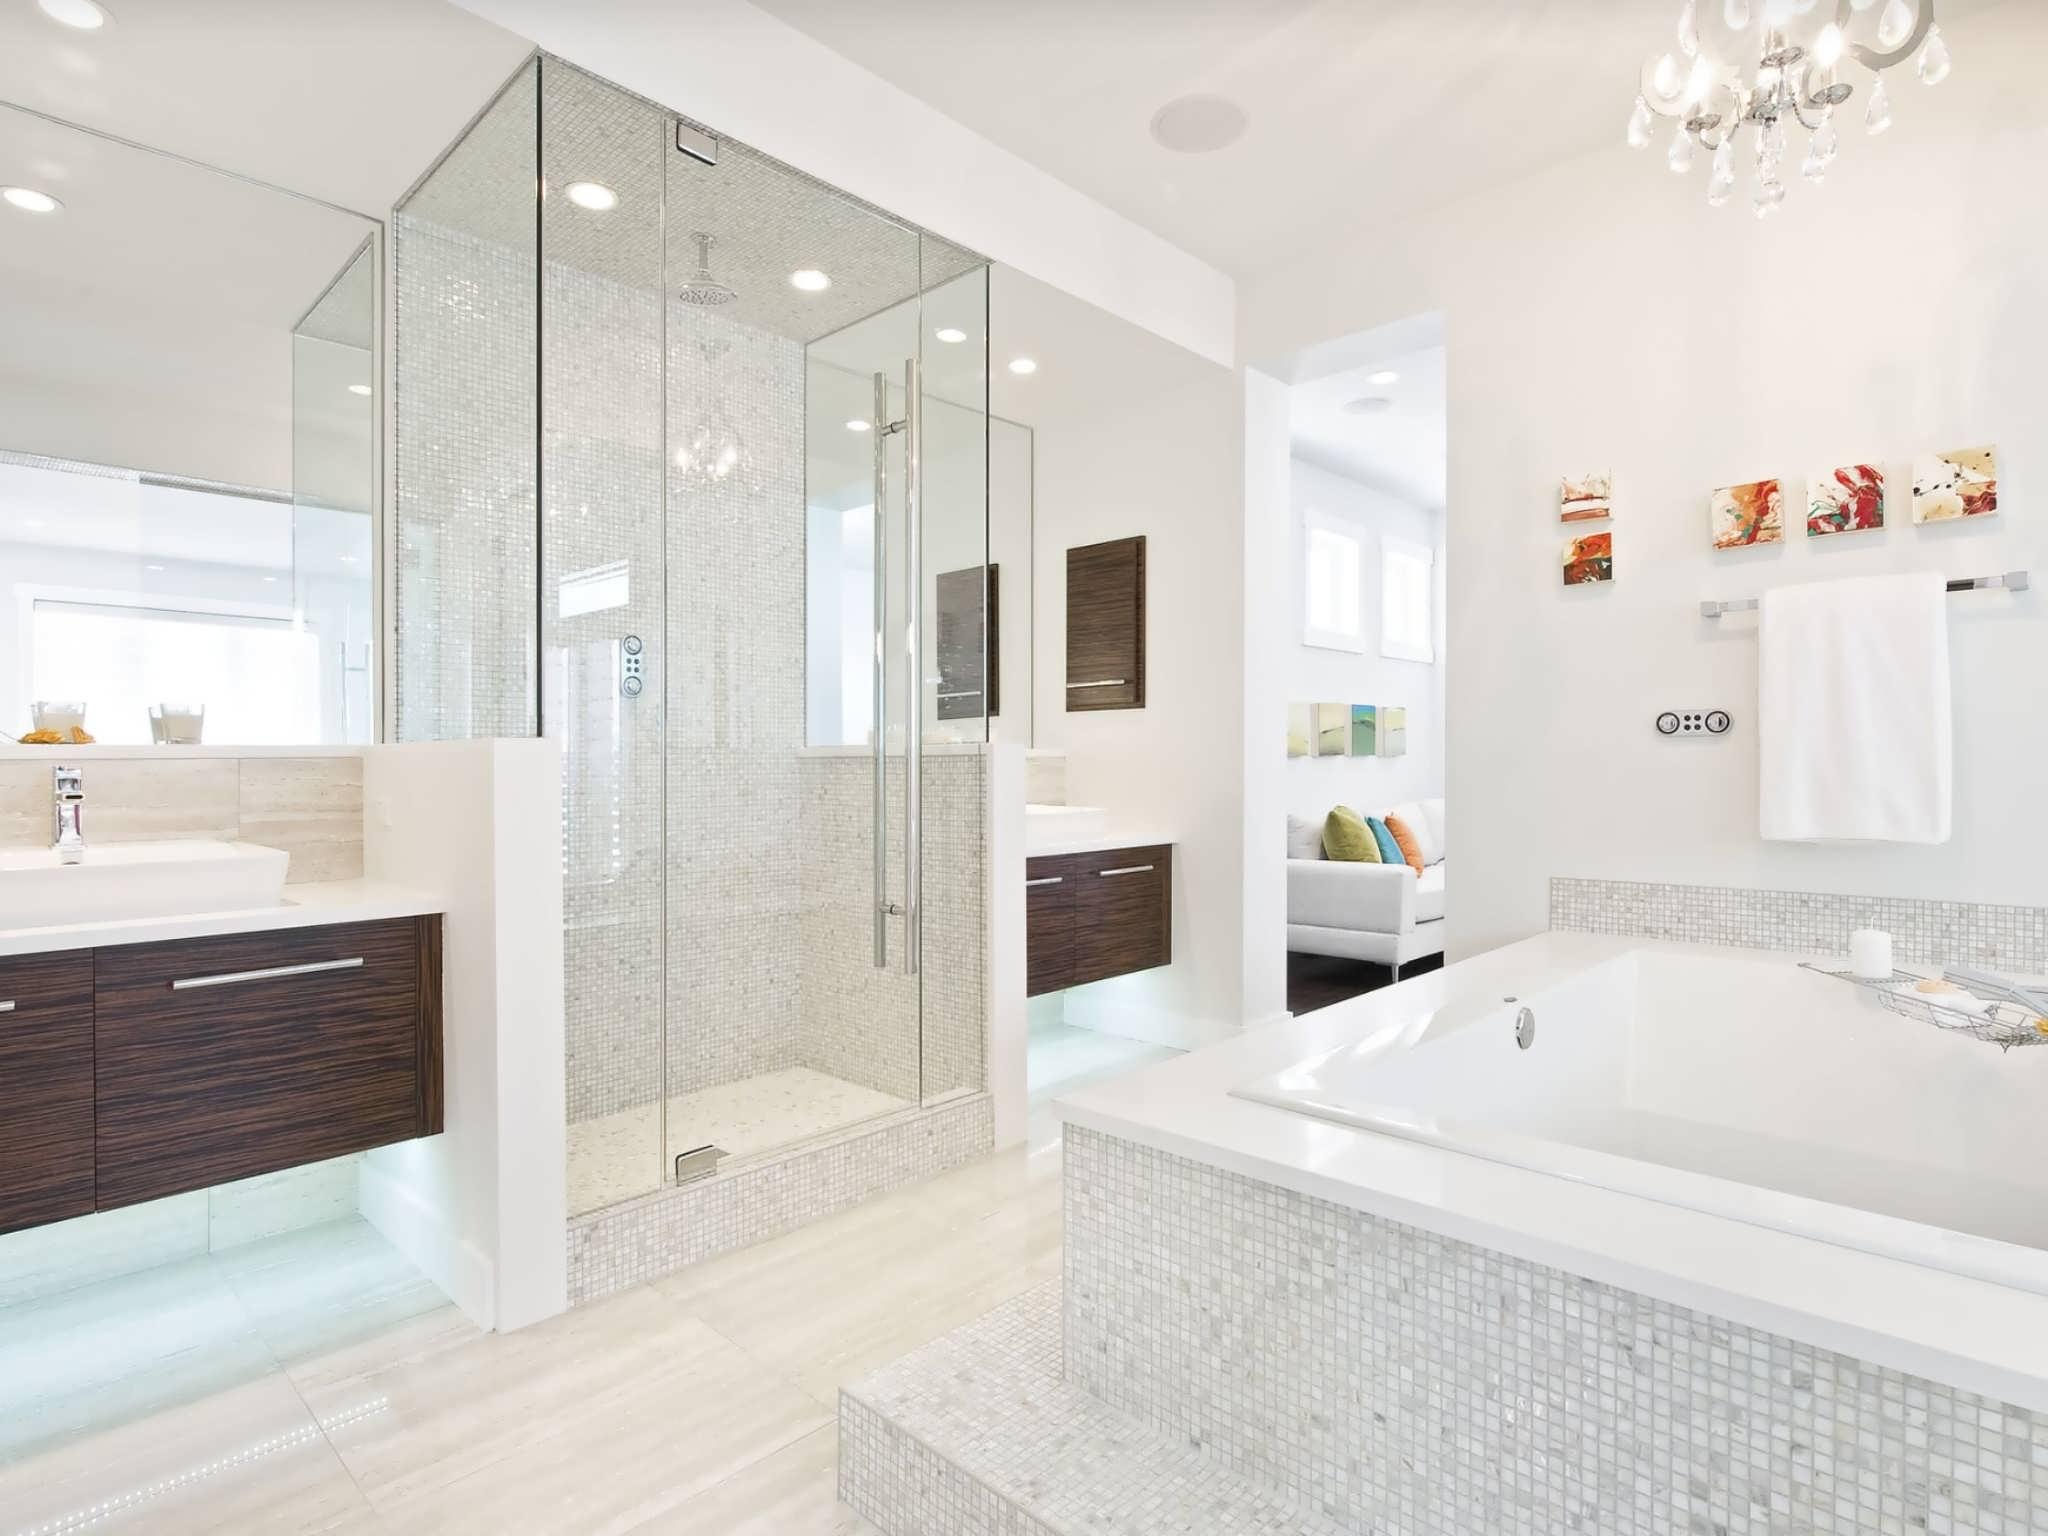 Bagno Con Mosaico Bianco bagno con pavimenti e rivestimenti in mosaico • 100 idee